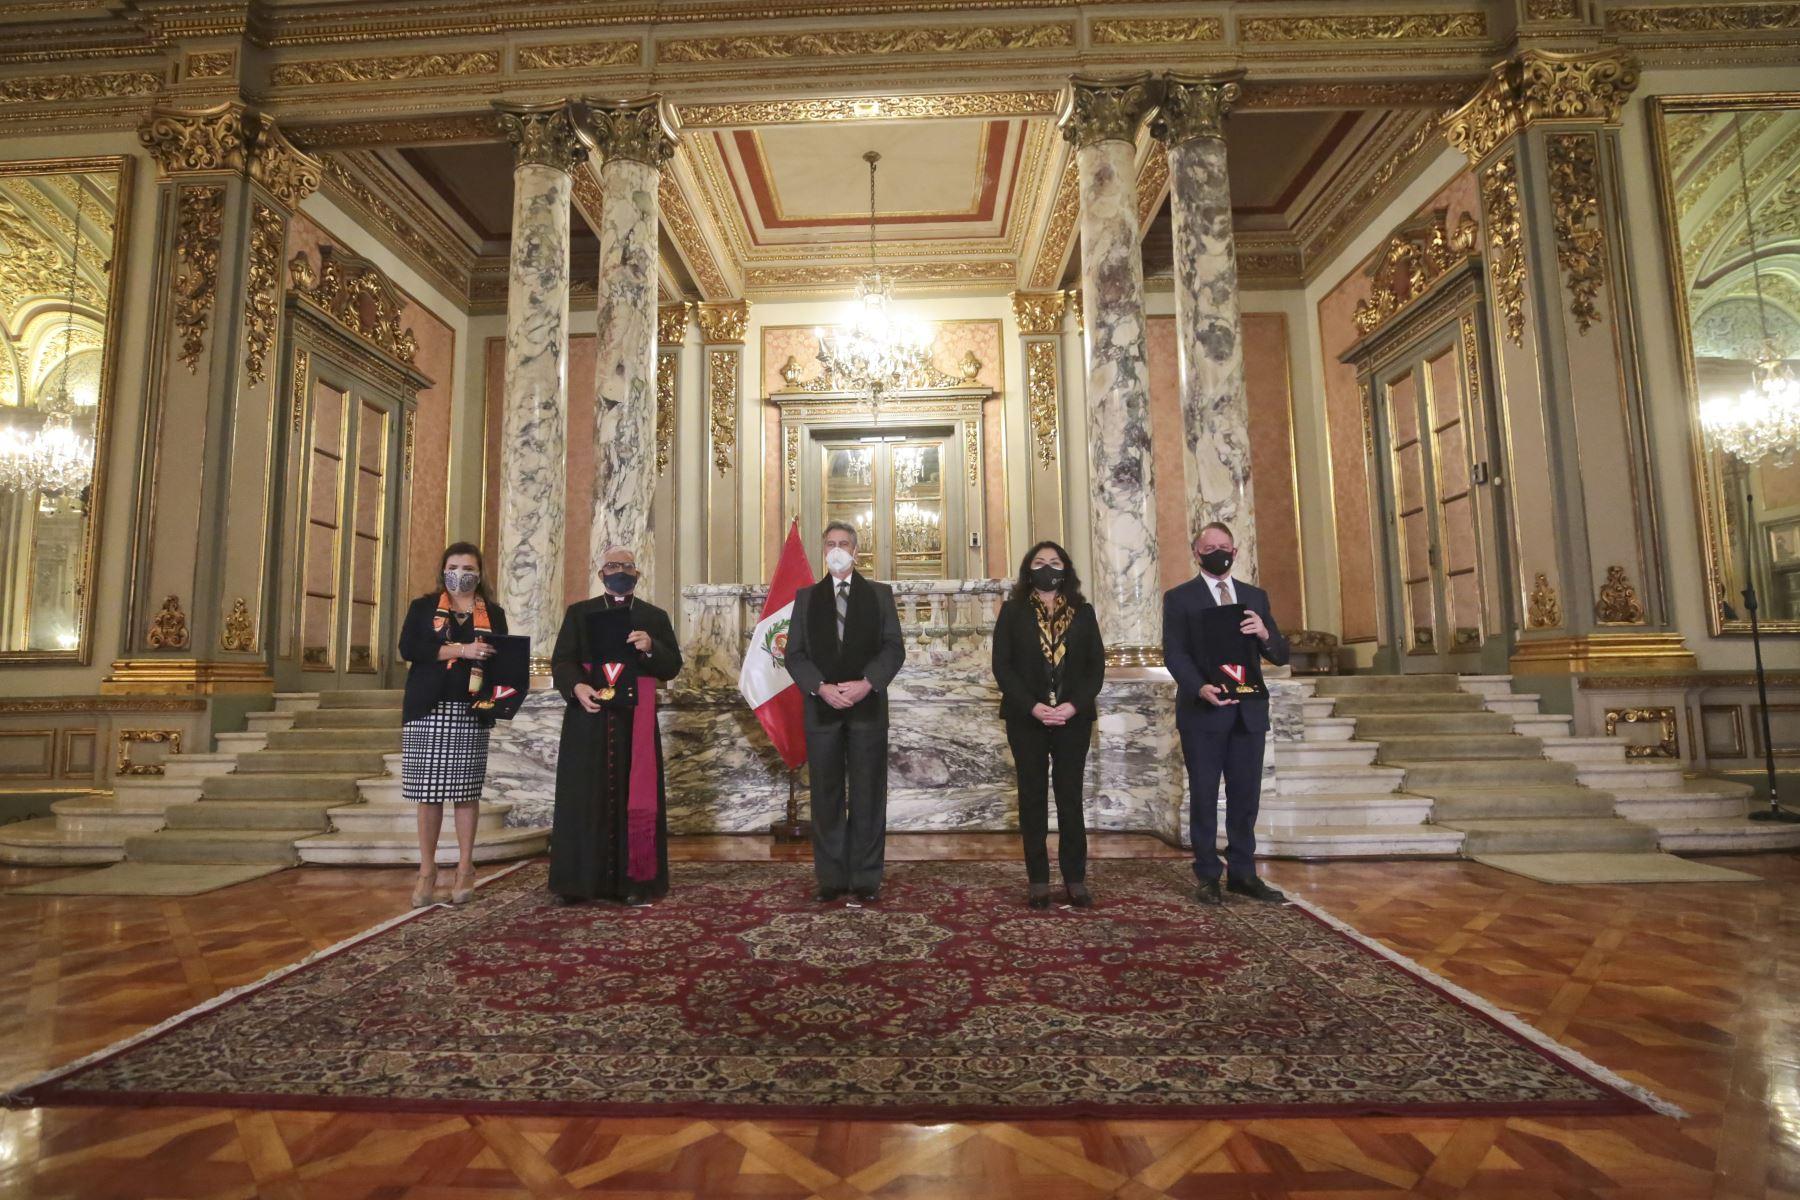 Ejecutivo entrega Medalla al Mérito Ciudadano a tres organizaciones